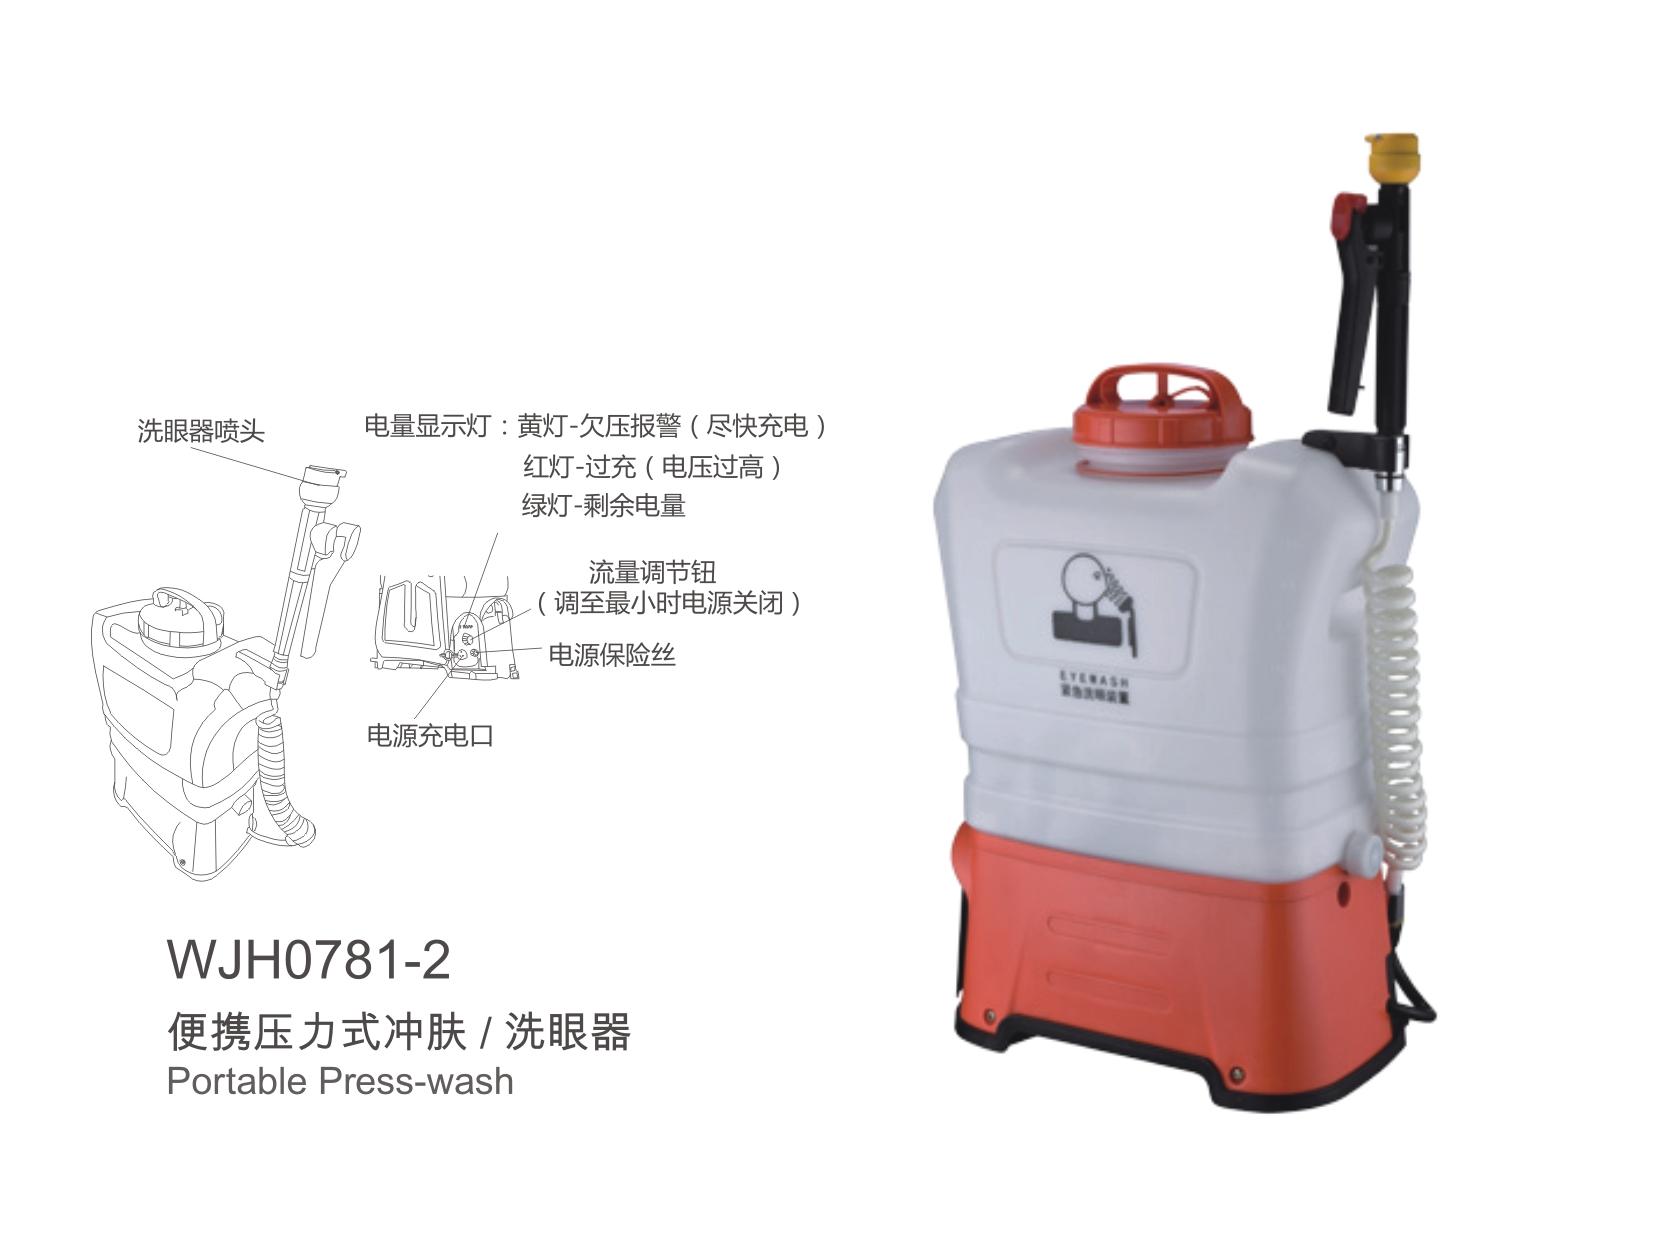 移动式洗眼器WJH0781-2